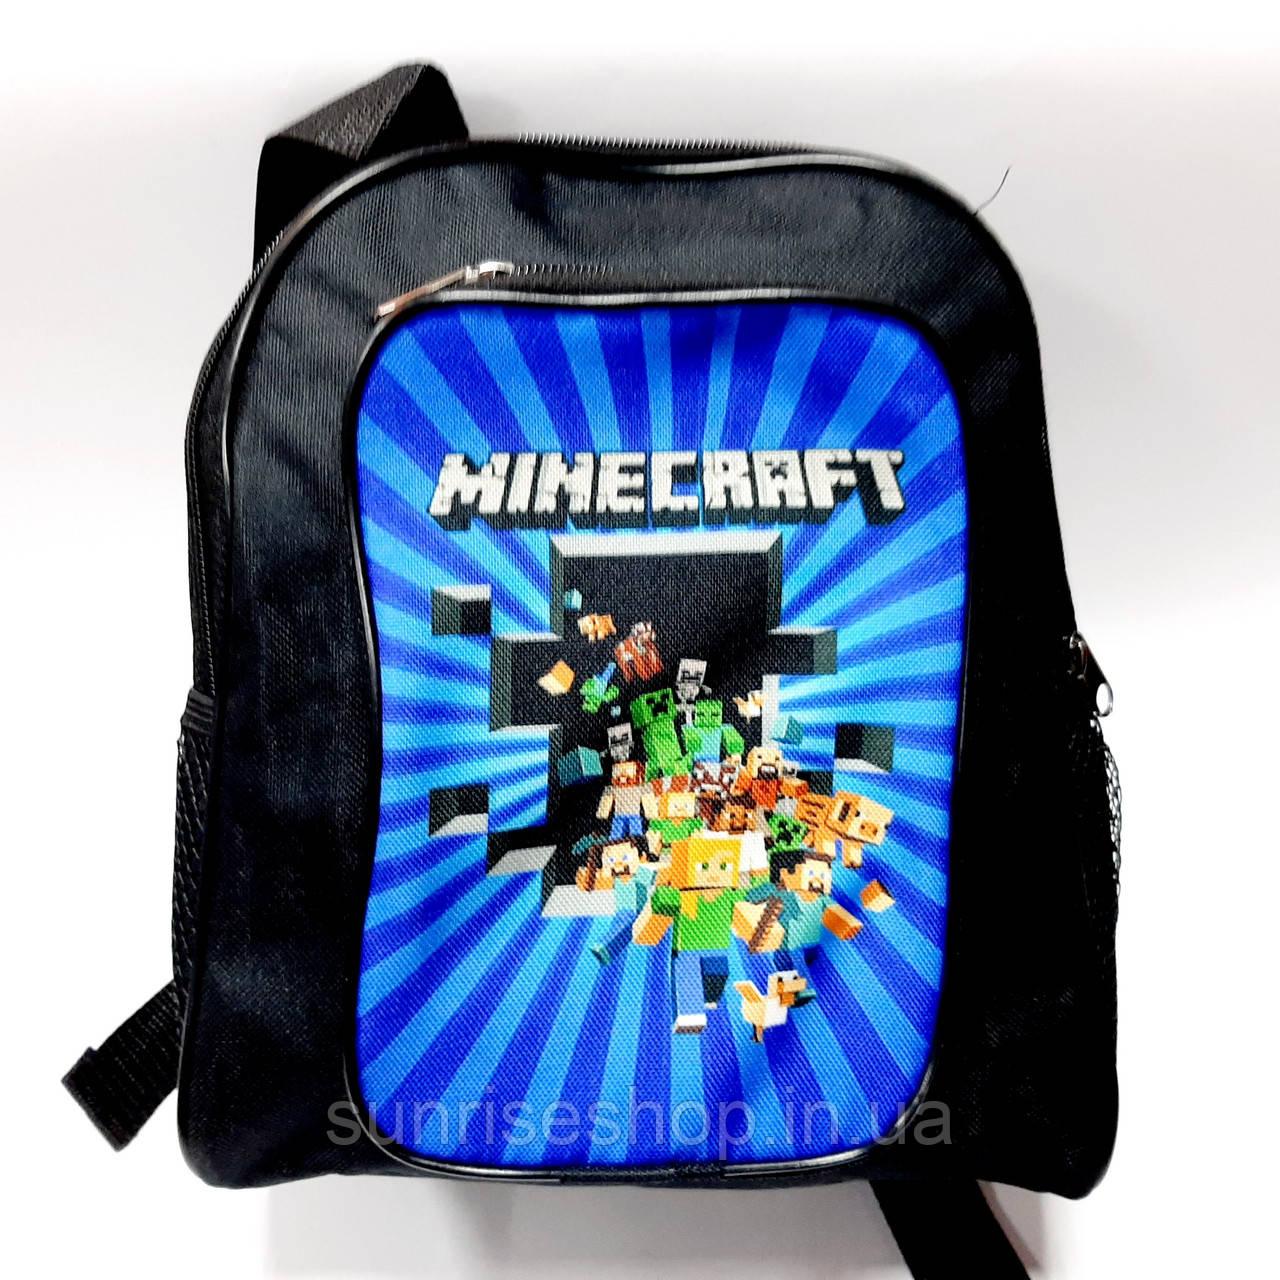 Рюкзак детский для мальчика Minekraft